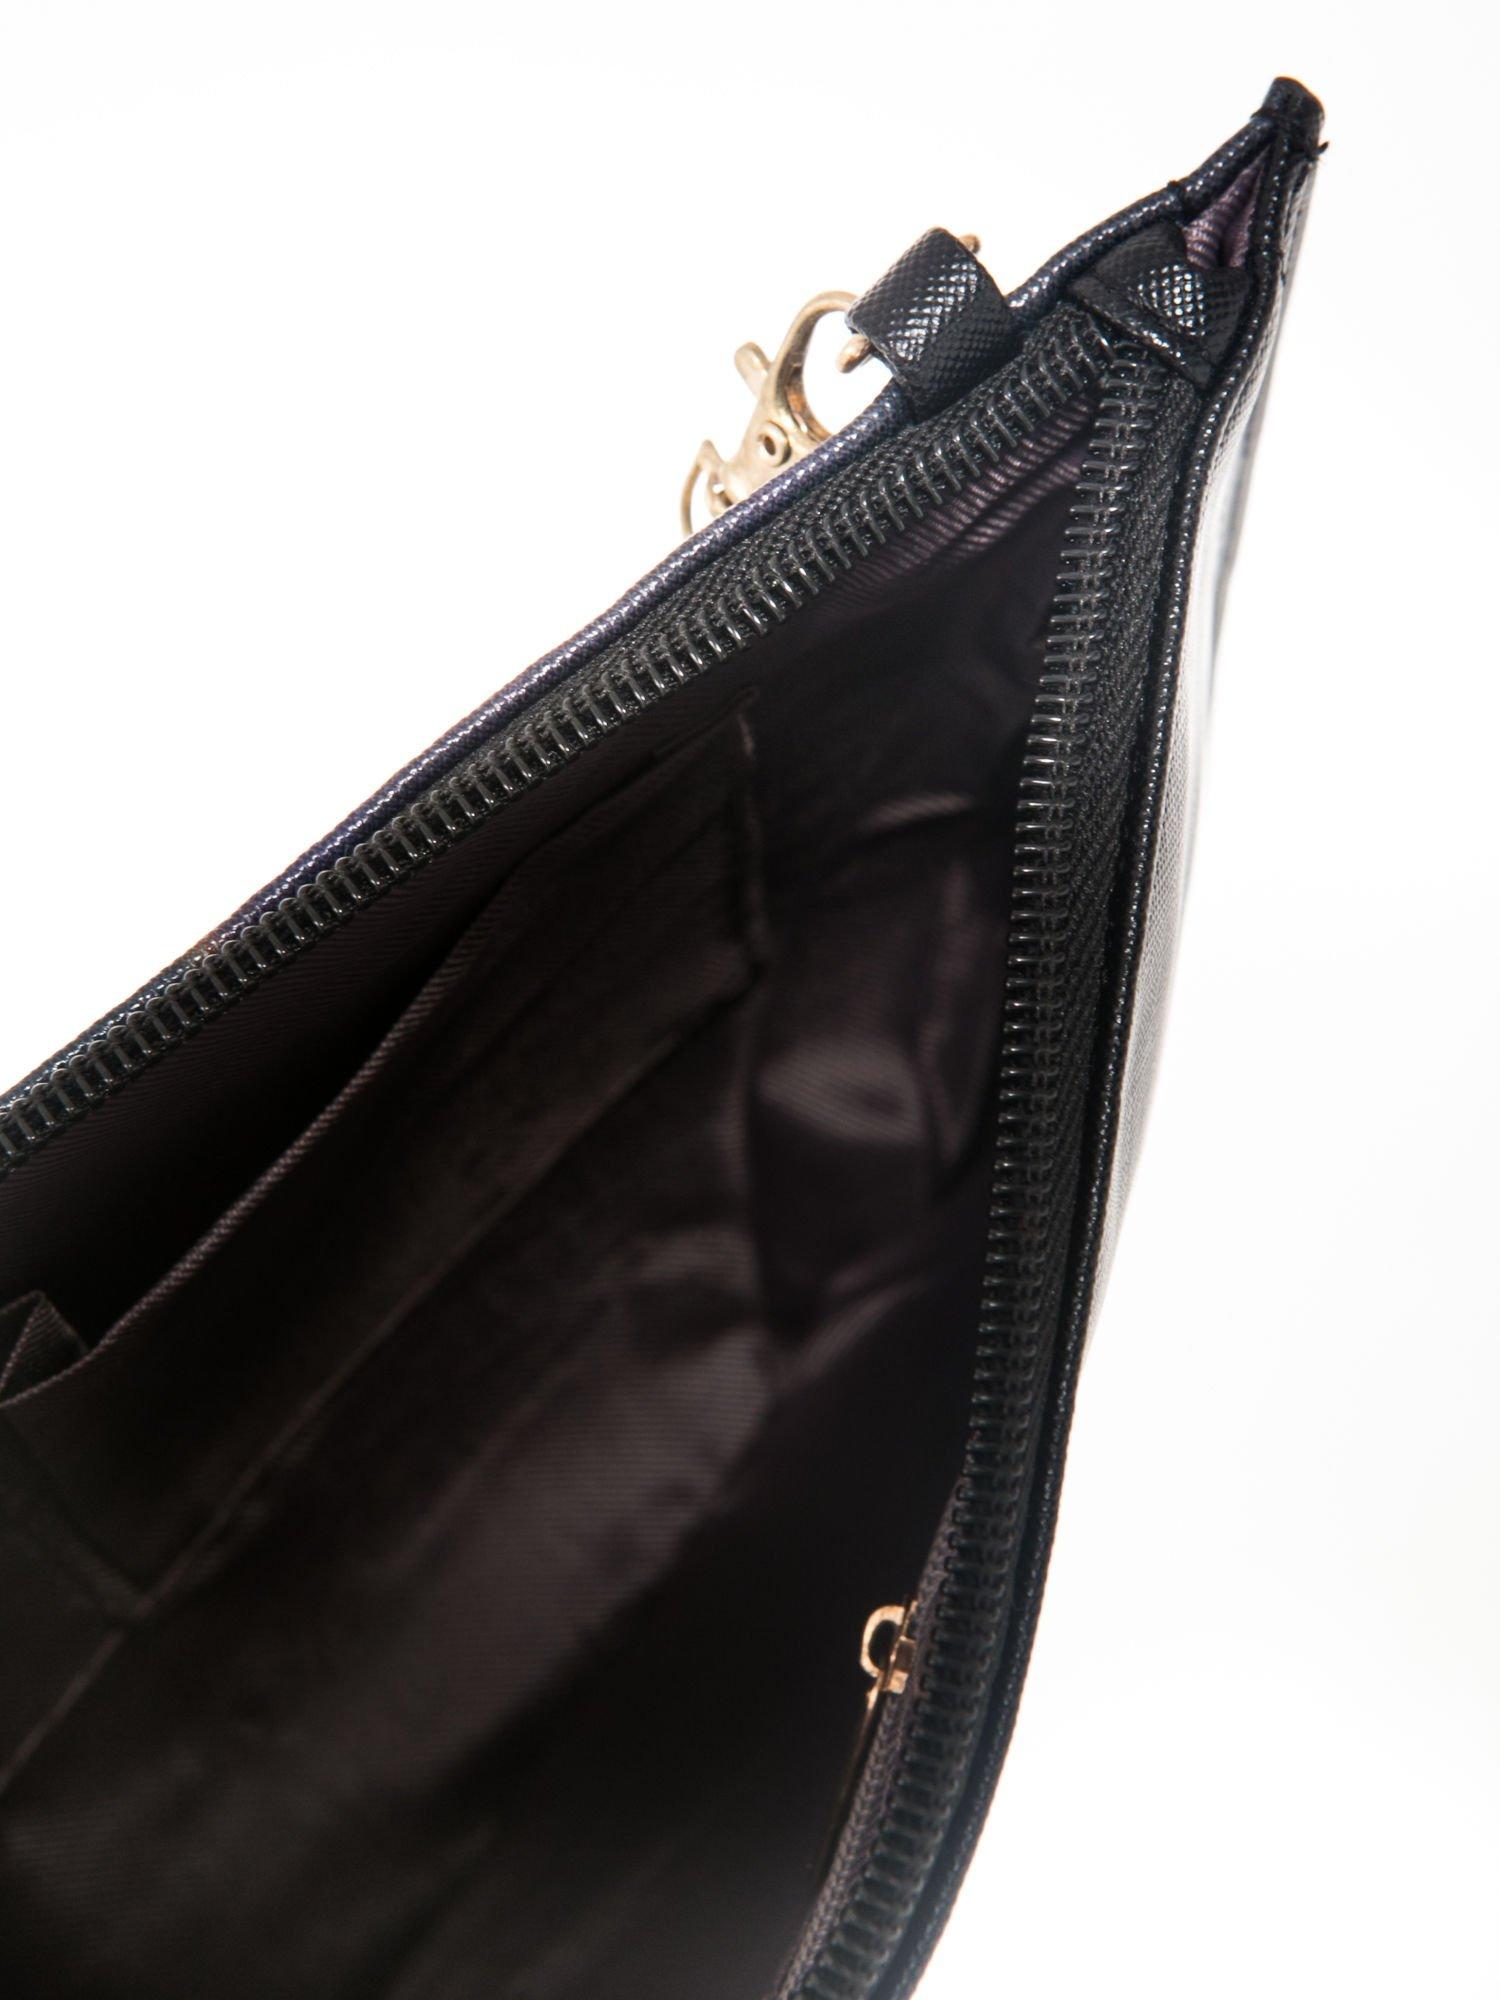 Czarna kopertówka z nadrukiem Audrey Hepburn, frędzlami i złotym łańcuszkiem                                  zdj.                                  6